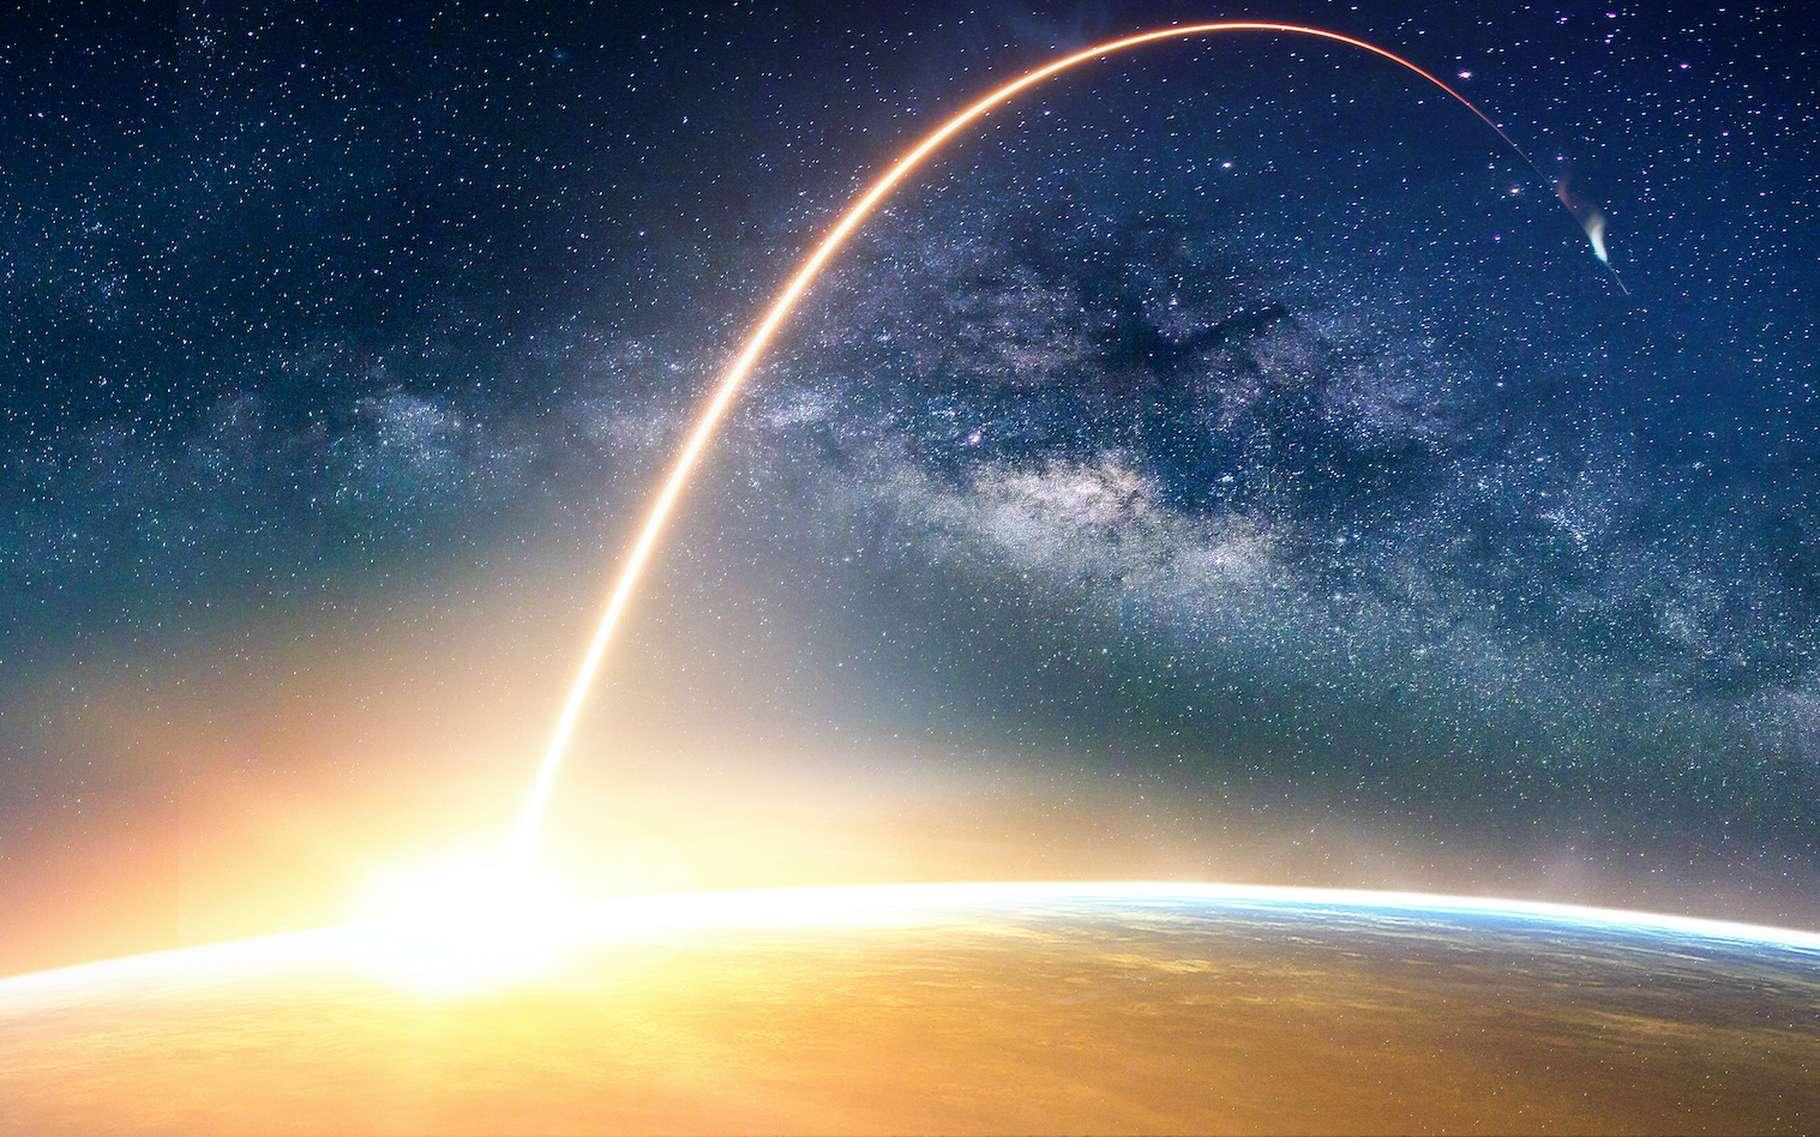 Le terme orbite désigne notamment la trajectoire d'un objet céleste. © nuttawutnuy, Adobe Stock